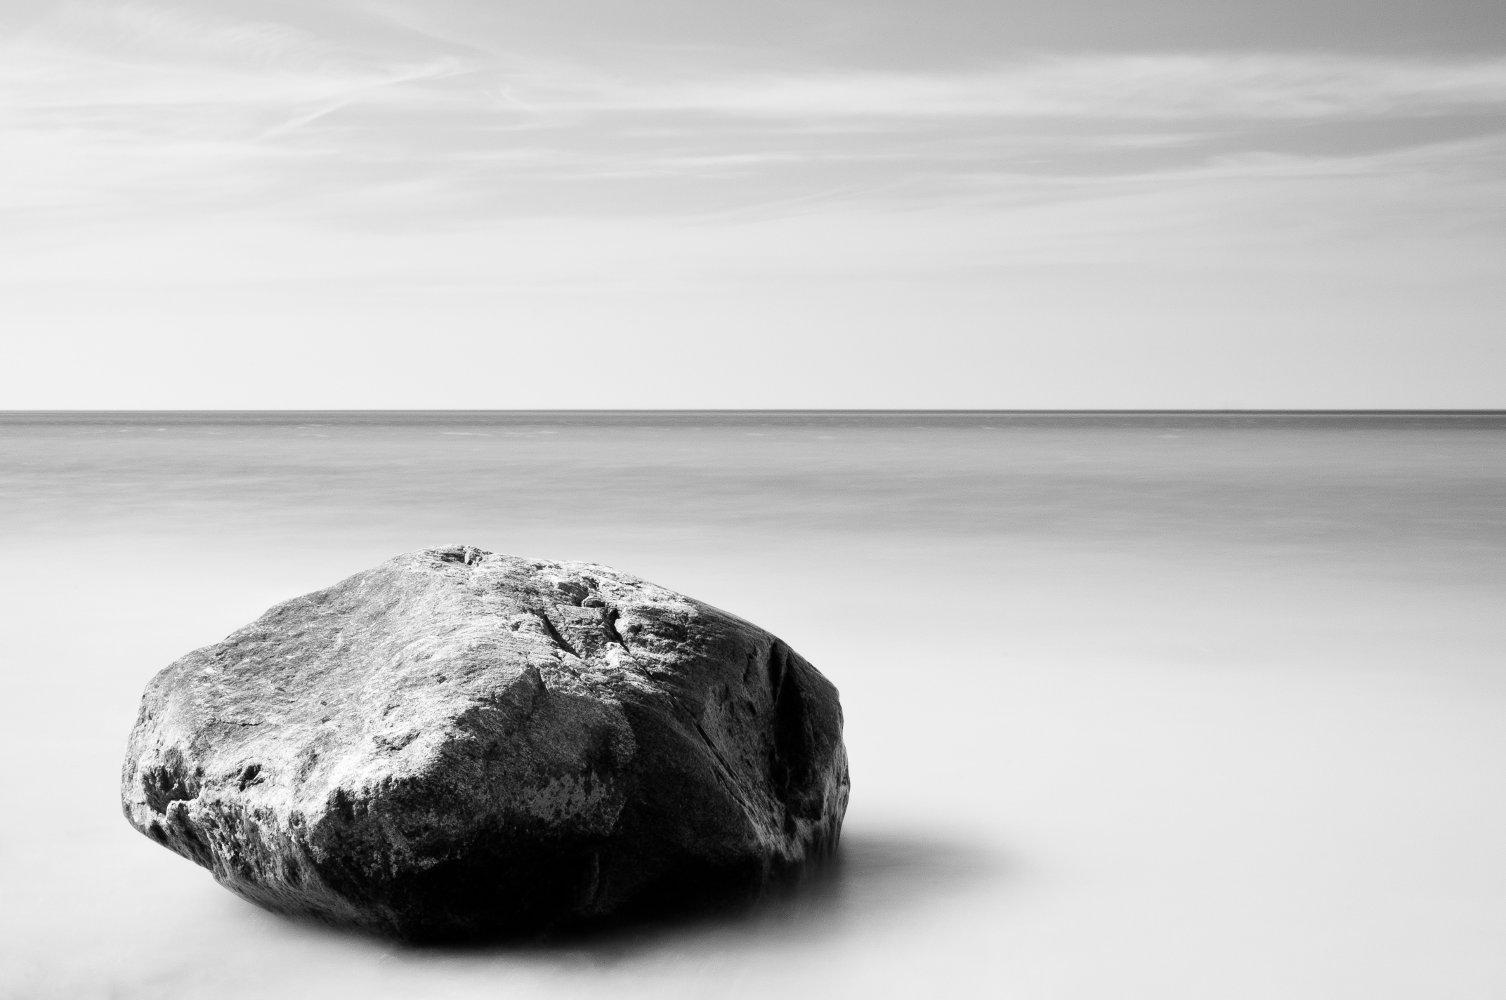 Lake Ontario Stone